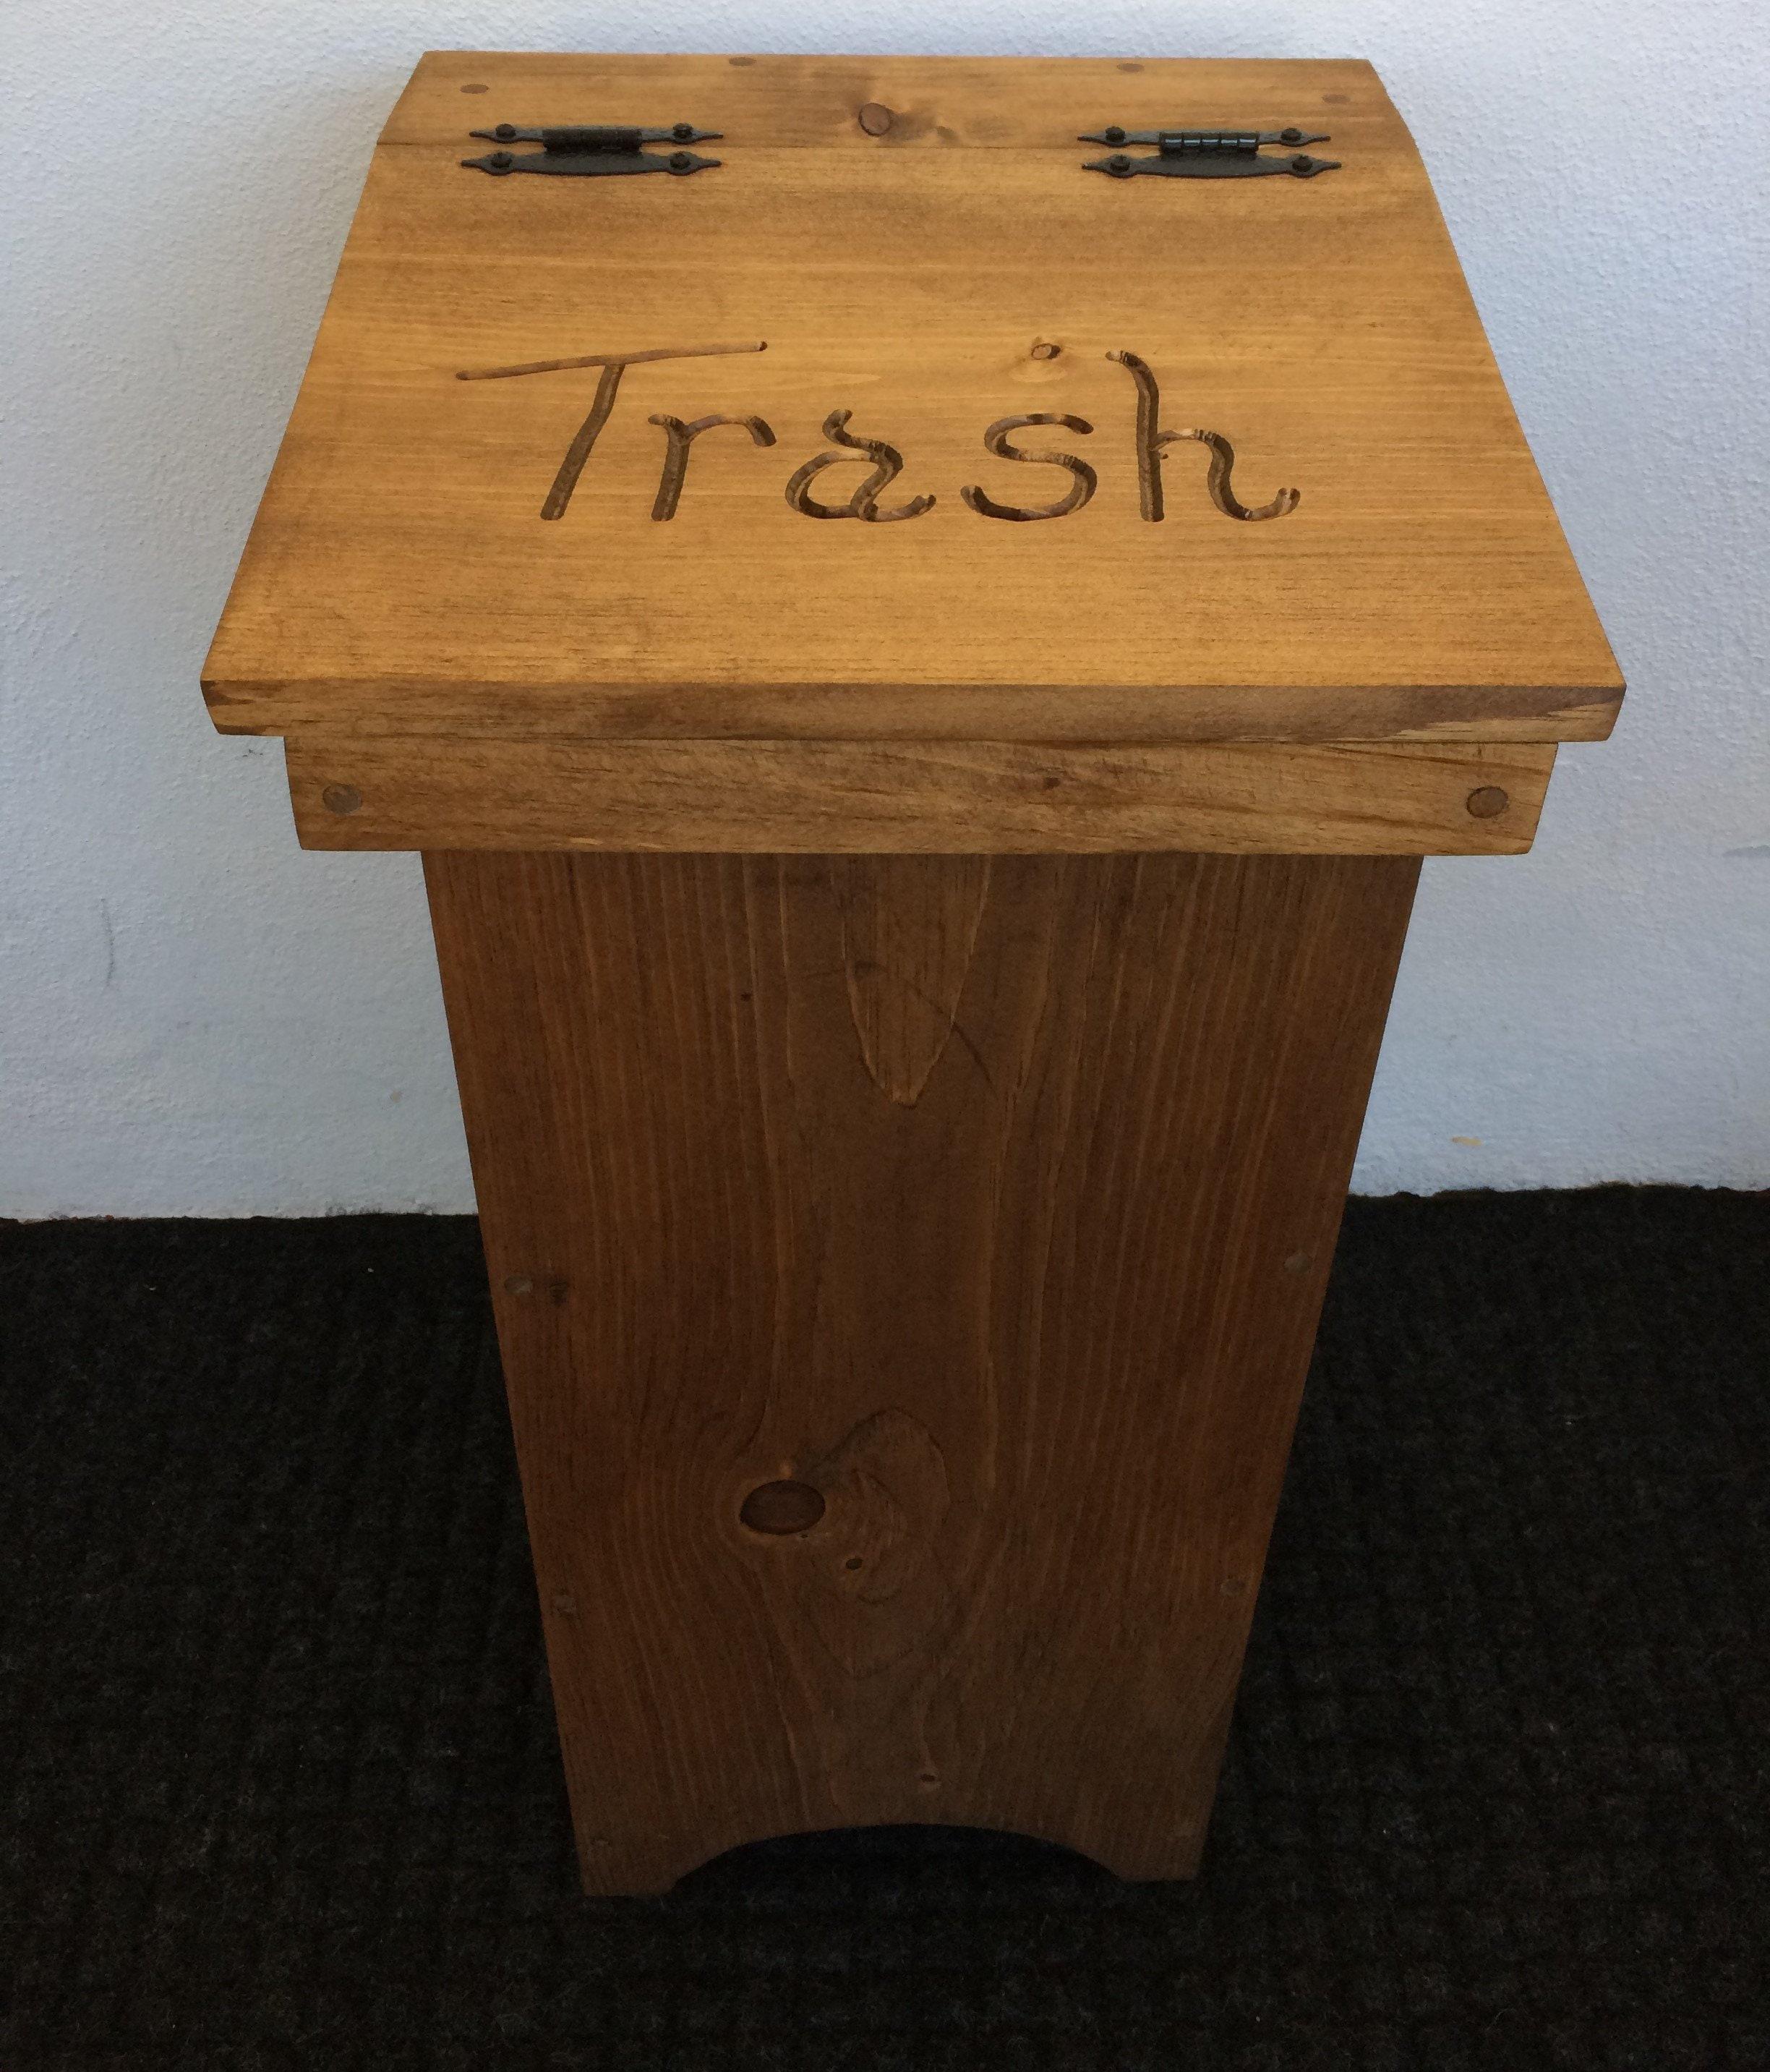 Wooden Trash Container Wooden Trash Bin Handmade Trash Bin